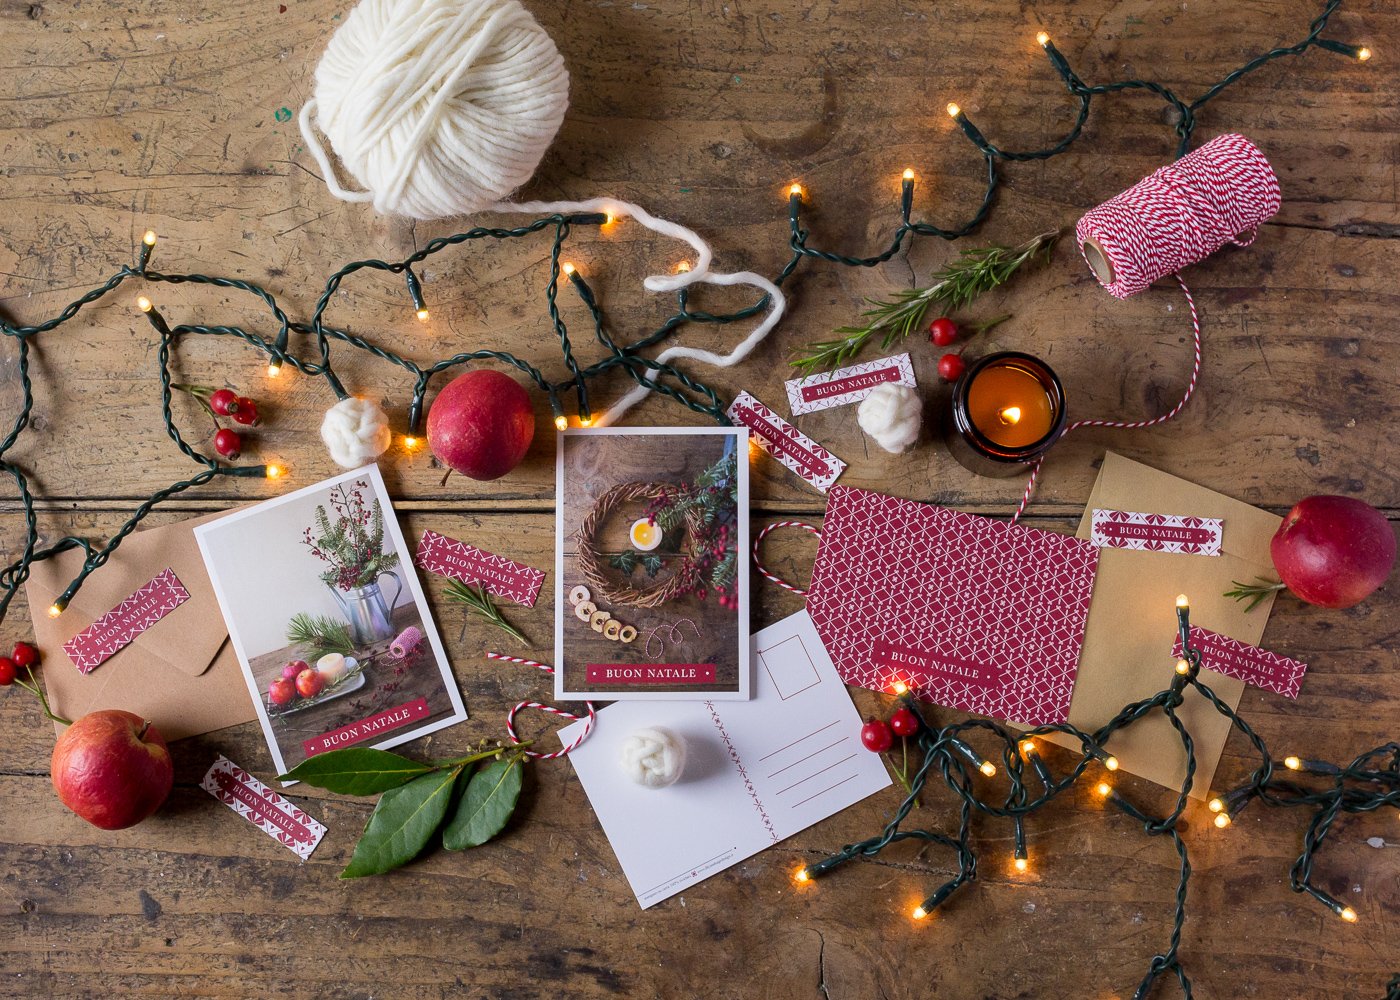 Il mio negozio di Natale - Biglietti d'auguri di Natale - Natura - Lily&Sage Design